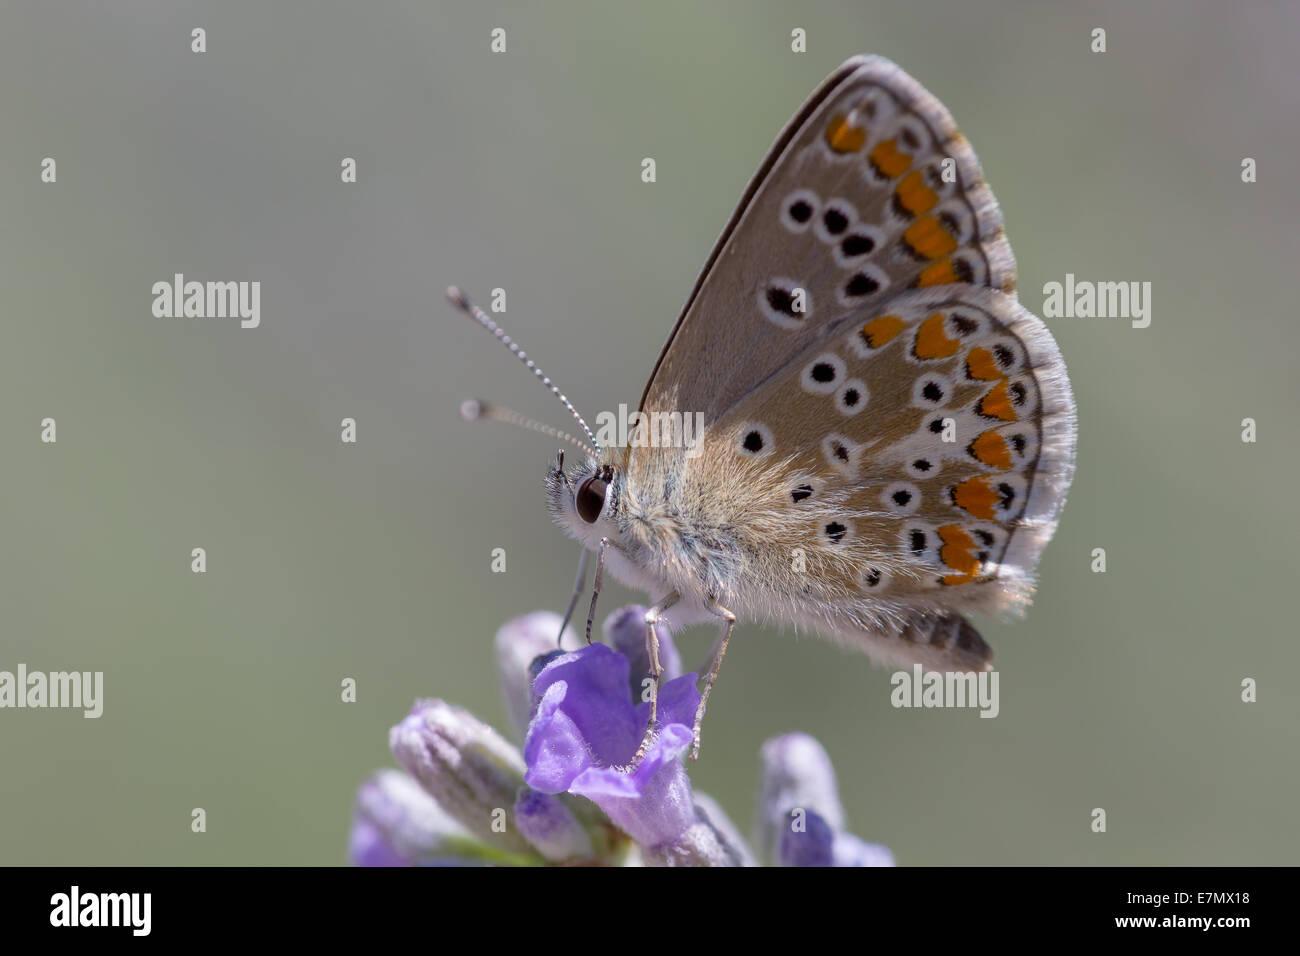 Braun Argos Schmetterling (Aricia Agestis) Nectaring in der frühen Morgensonne auf Lavendel in der Nähe Stockbild